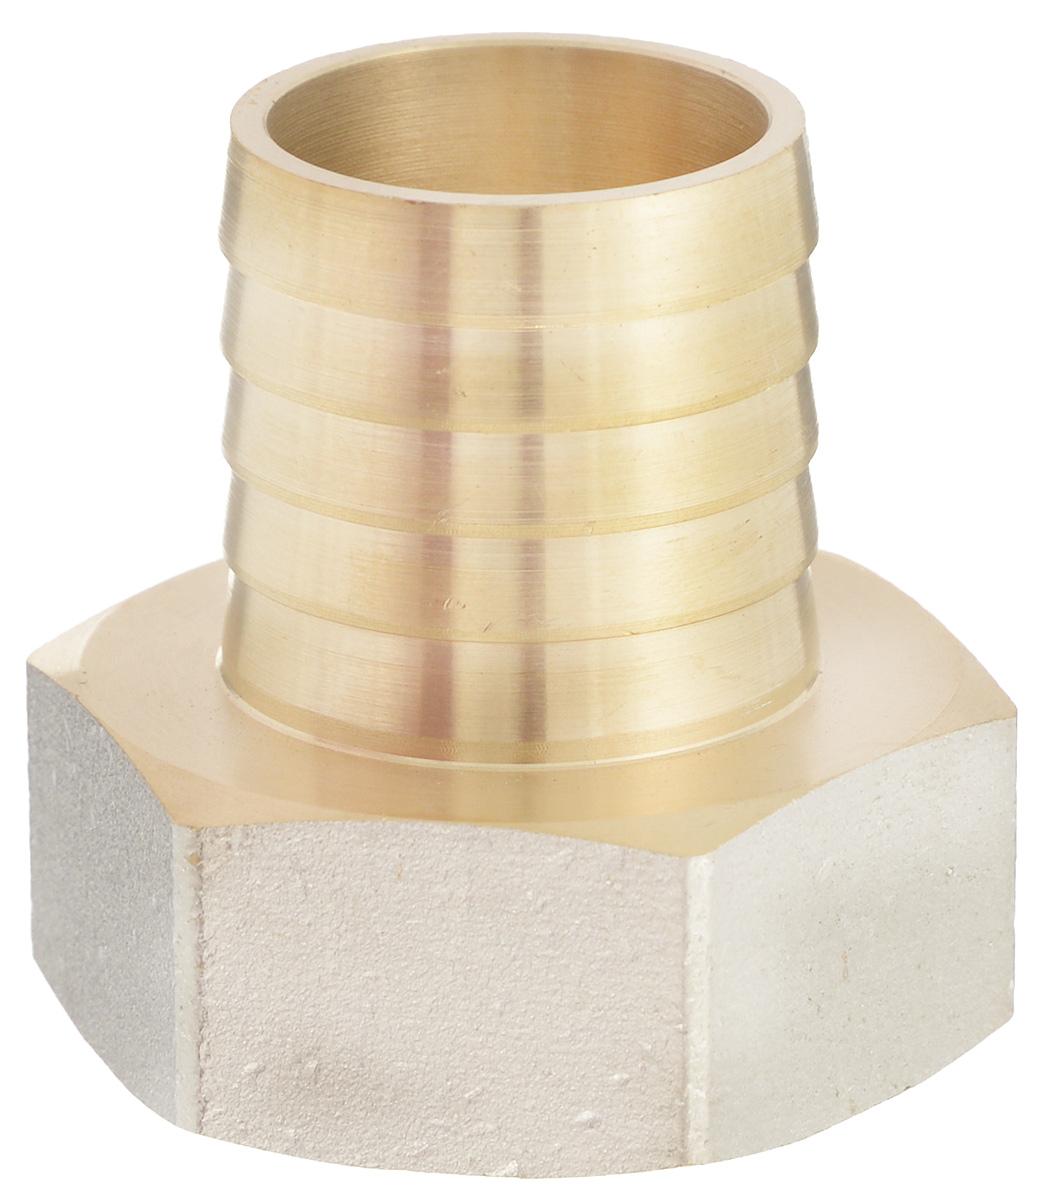 Переходник U-Tec, для резинового шланга, внутренняя резьба 1 х 25 мм u tec 34203